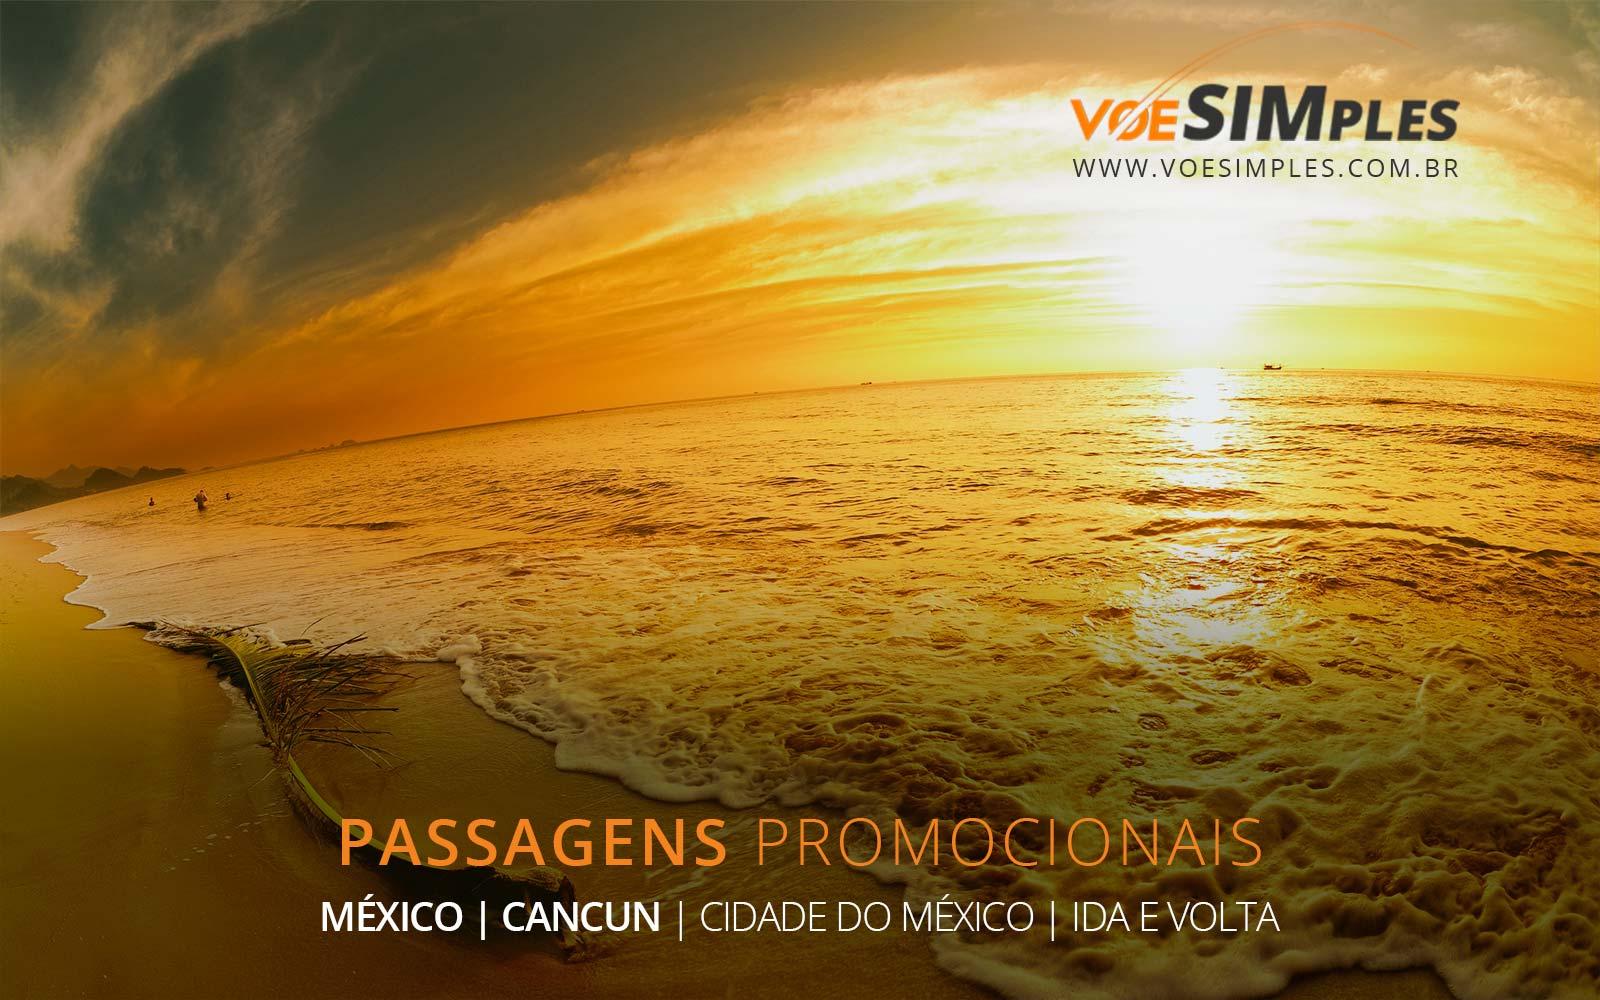 Passagens aéreas baratas para Cancun e Cidade do México